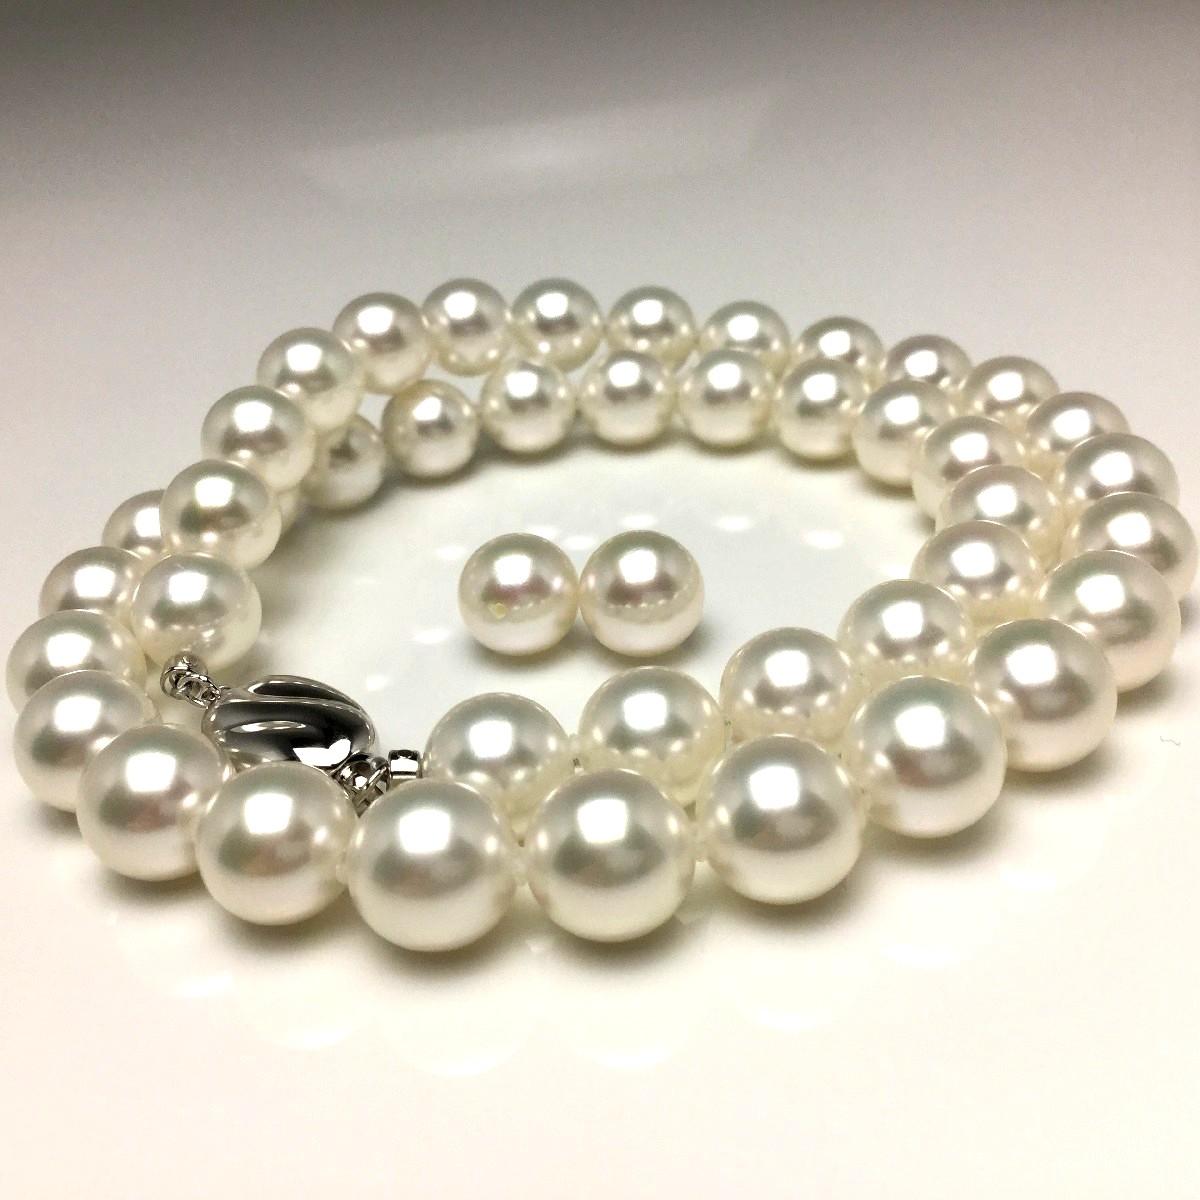 真珠 ネックレス パール オーロラ・花珠 無調色 アコヤ真珠 イヤリング or ピアス セット 9.0-9.5mm ホワイト(ナチュラルカラー) シルバー クラスップ 67140 イソワパール